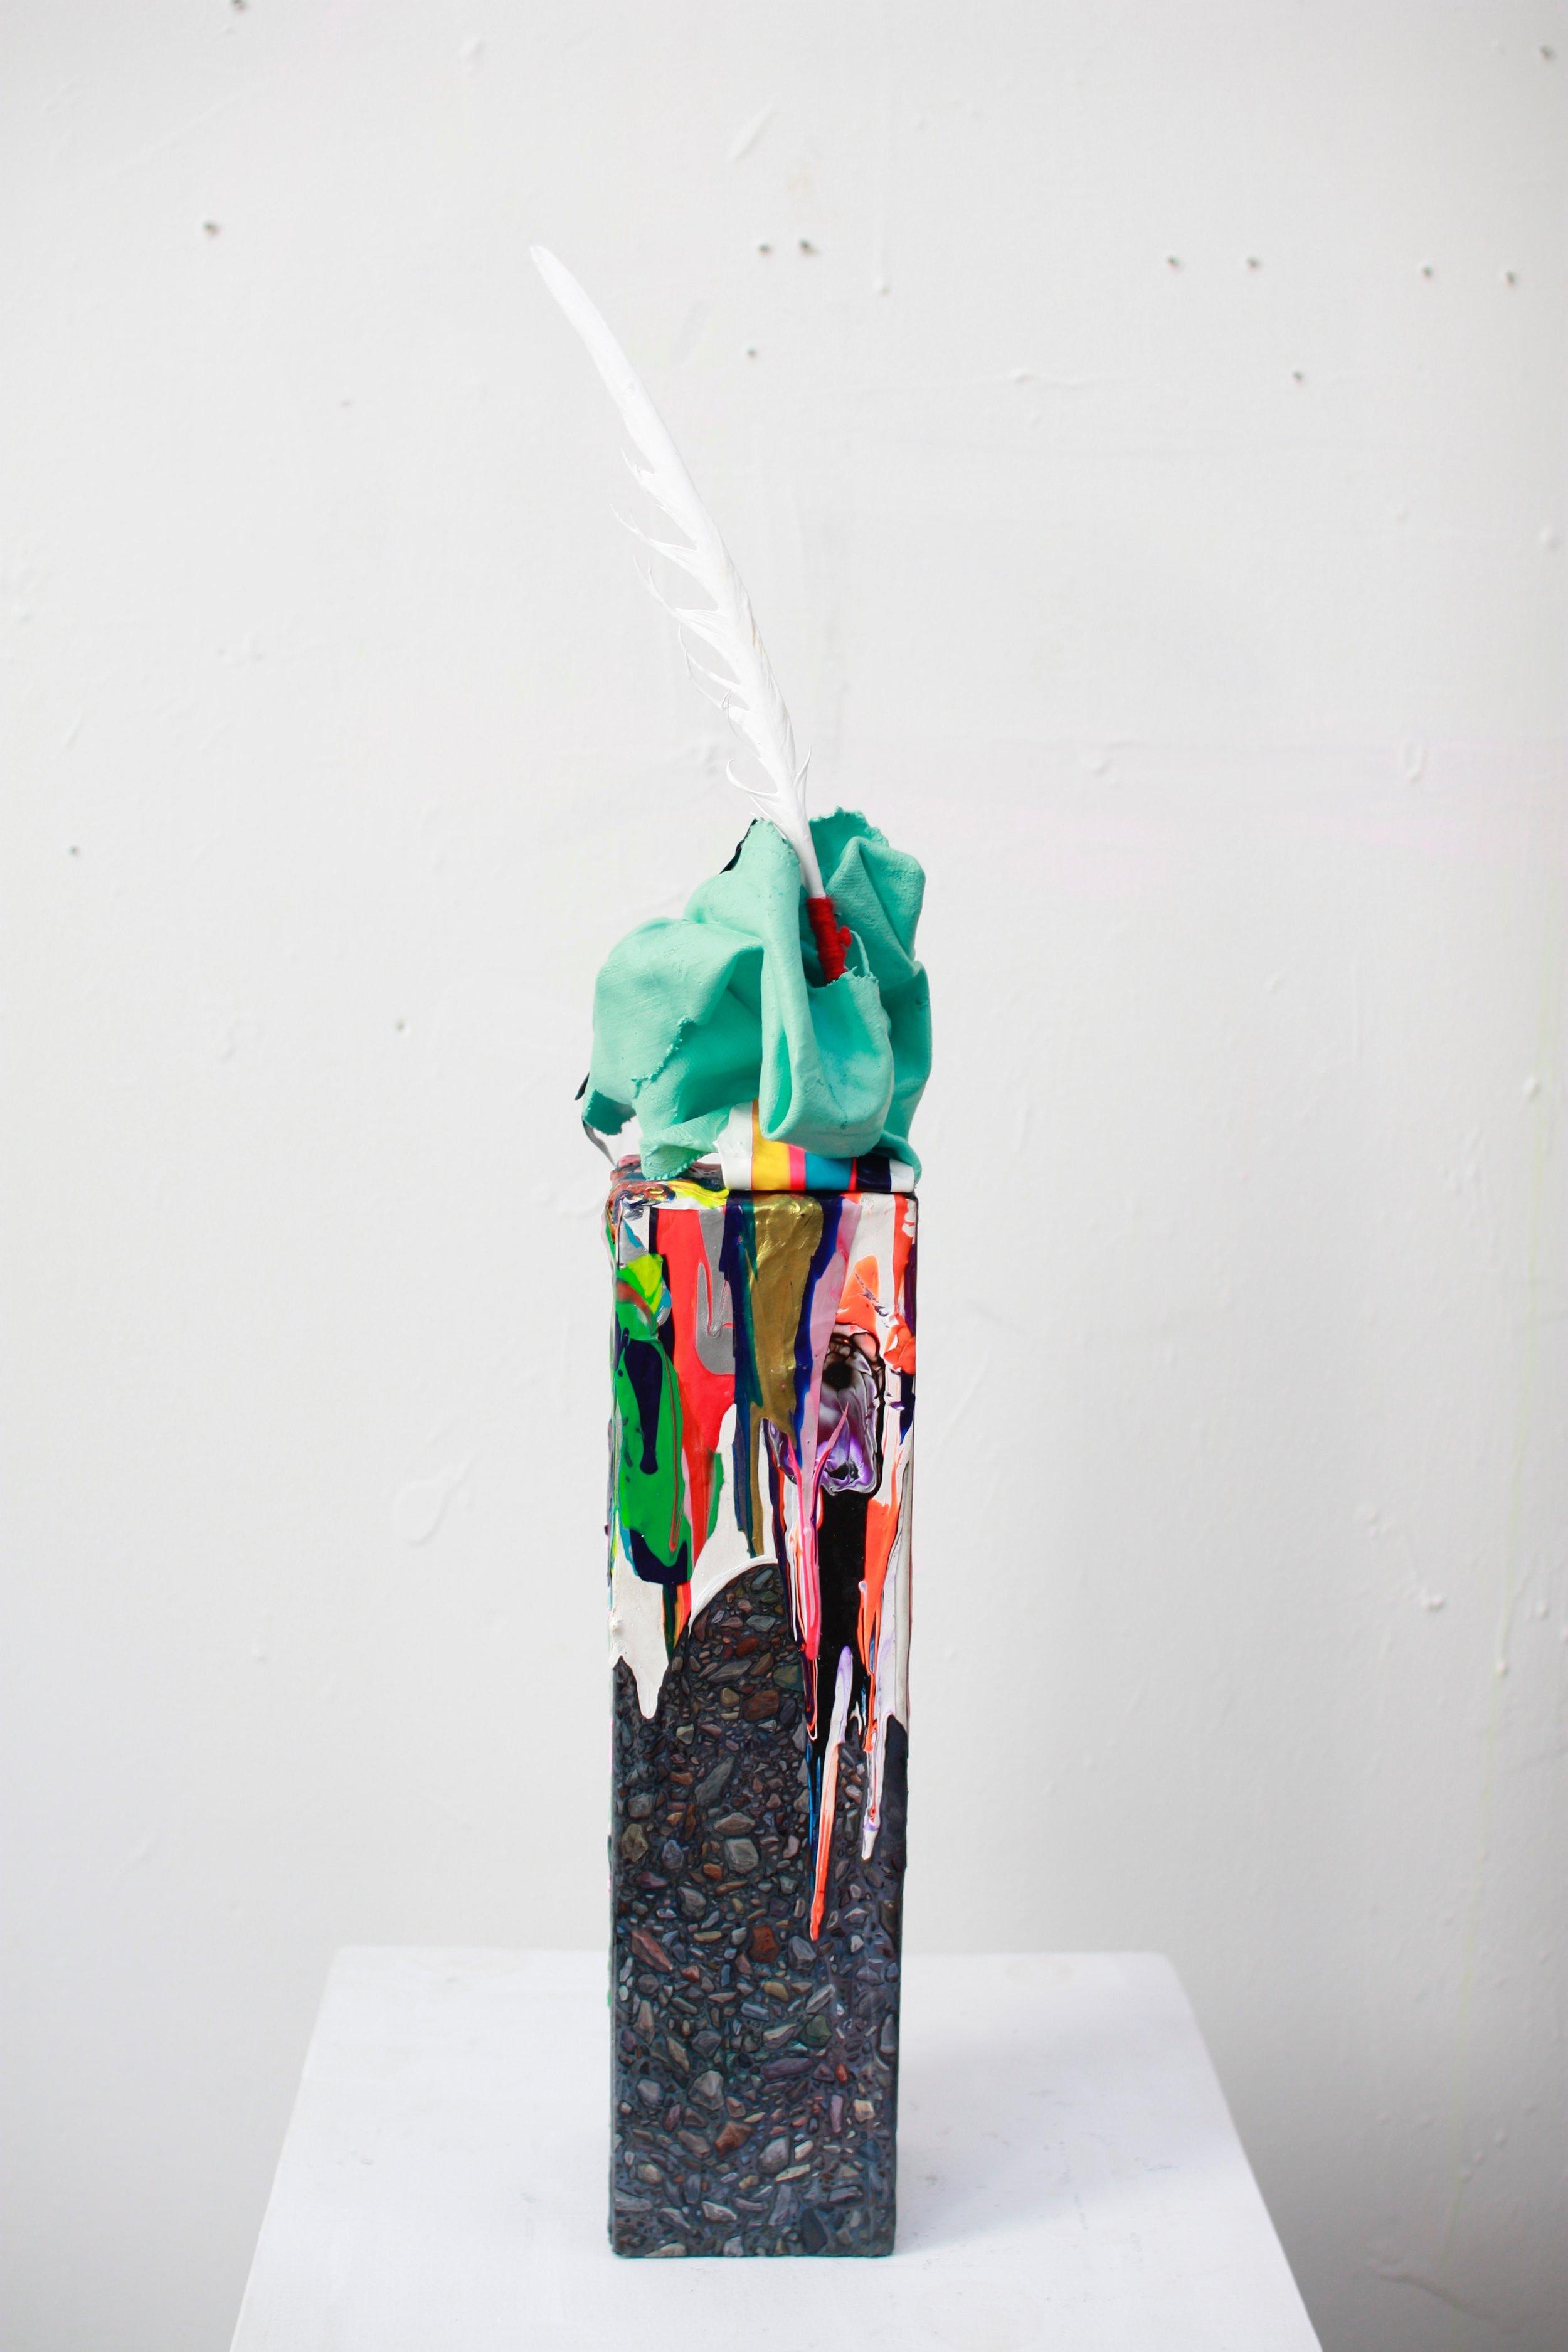 sculptures mixed media